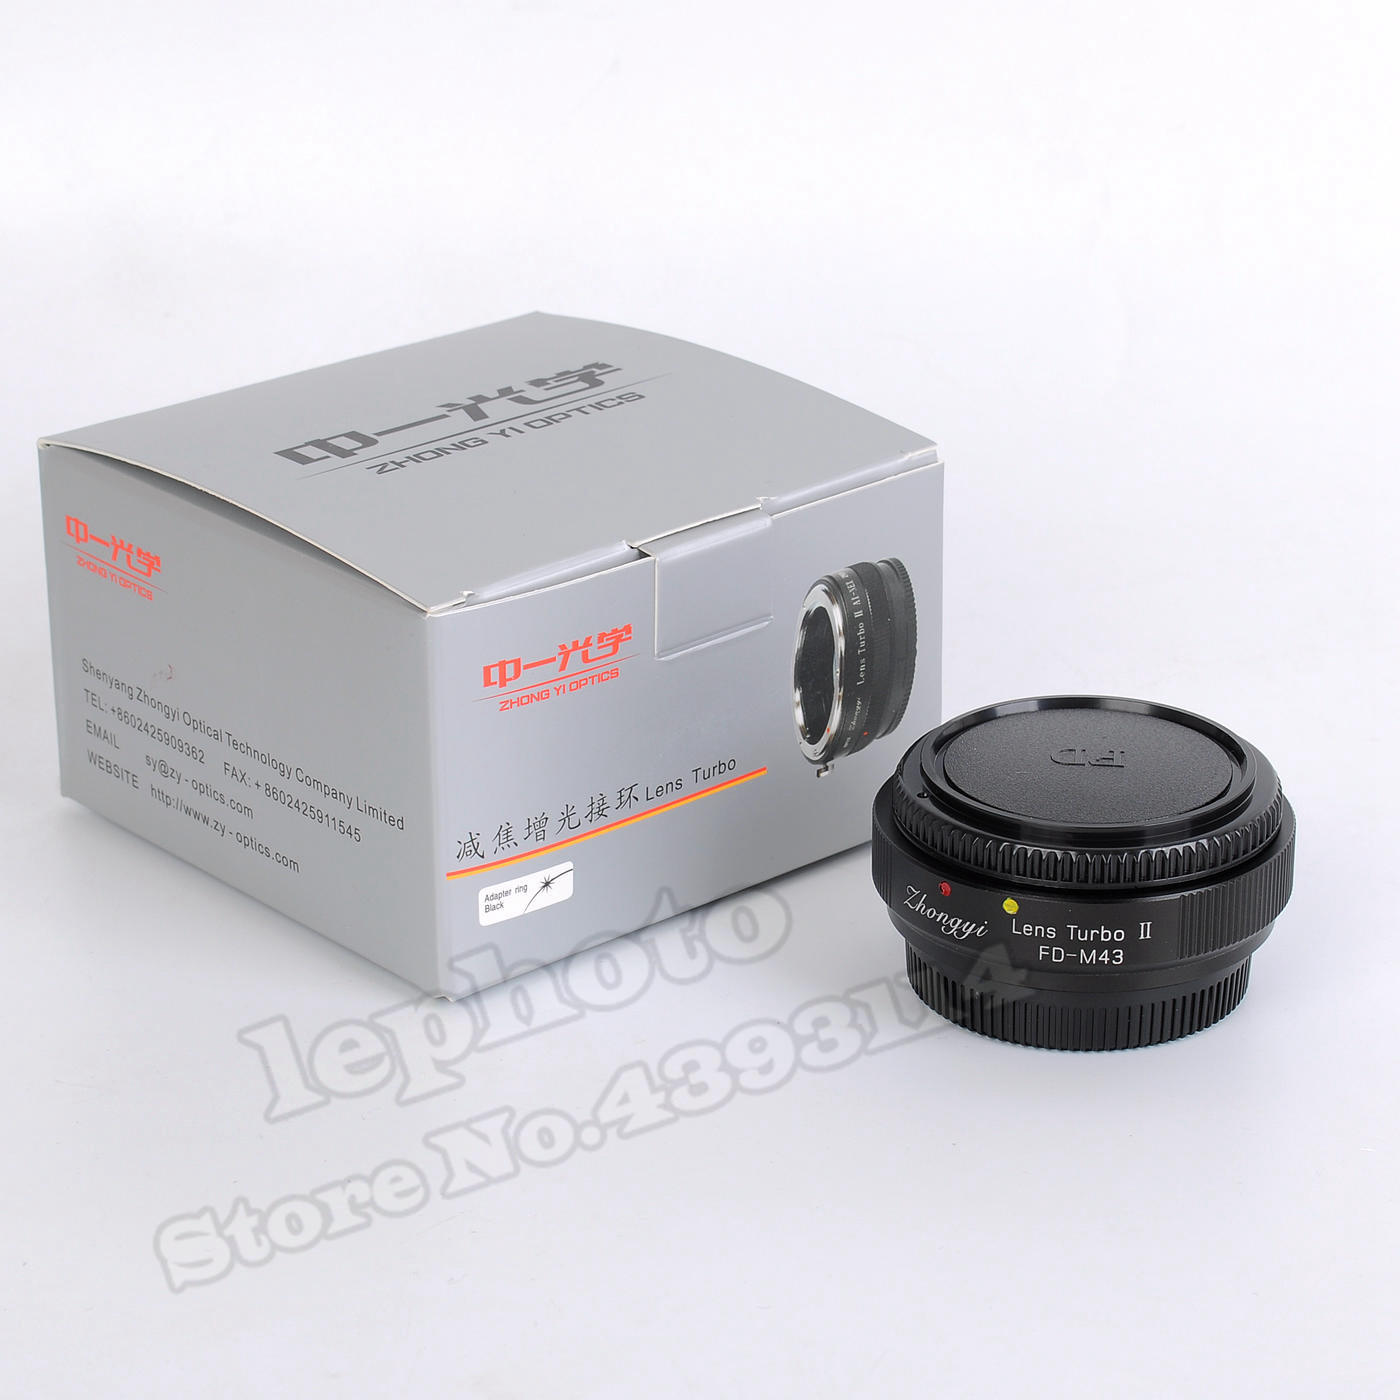 Mitakon Zhongyi objectif Turbo II réducteur de focale adaptateur Booster pour Canon FD monture objectif à Micro quatre tiers MFT caméra M43 GH4 OM D-in Objectif Adaptateur from Electronique    2